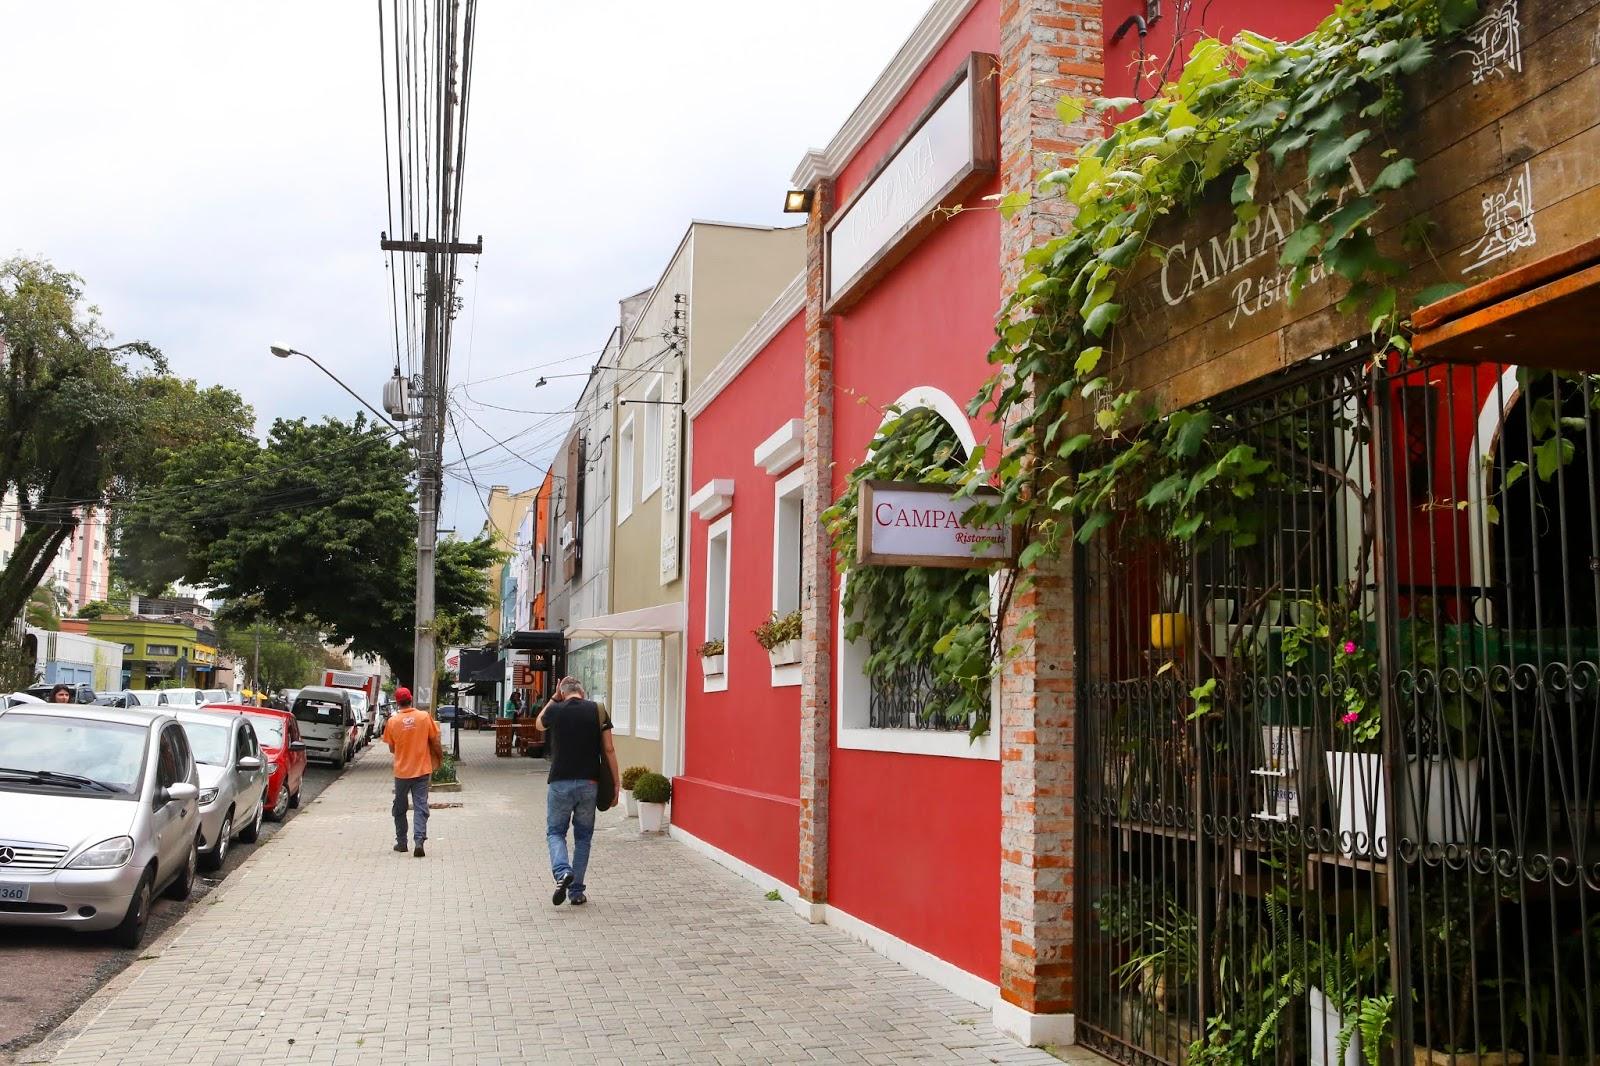 O que fazer em Curitiba: cinco ruas descoladas que você precisa visitar